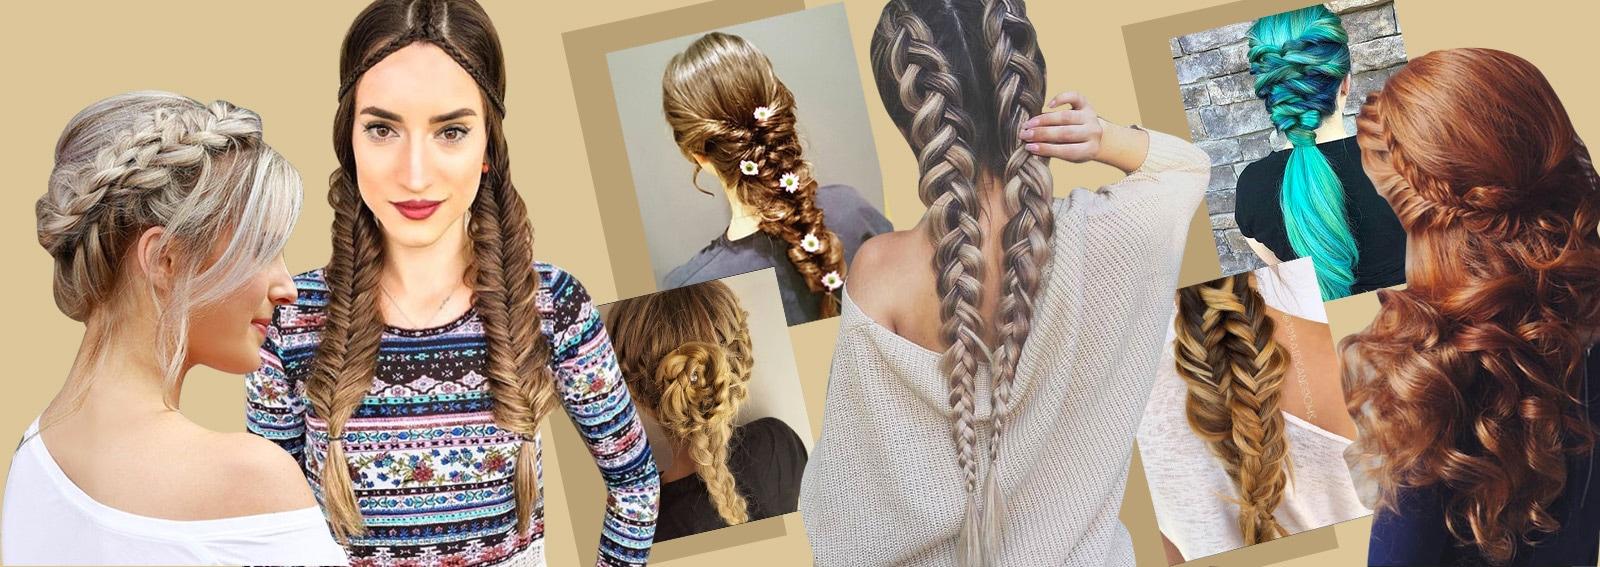 capelli intrecciati le ispirazioni più belle da instagram